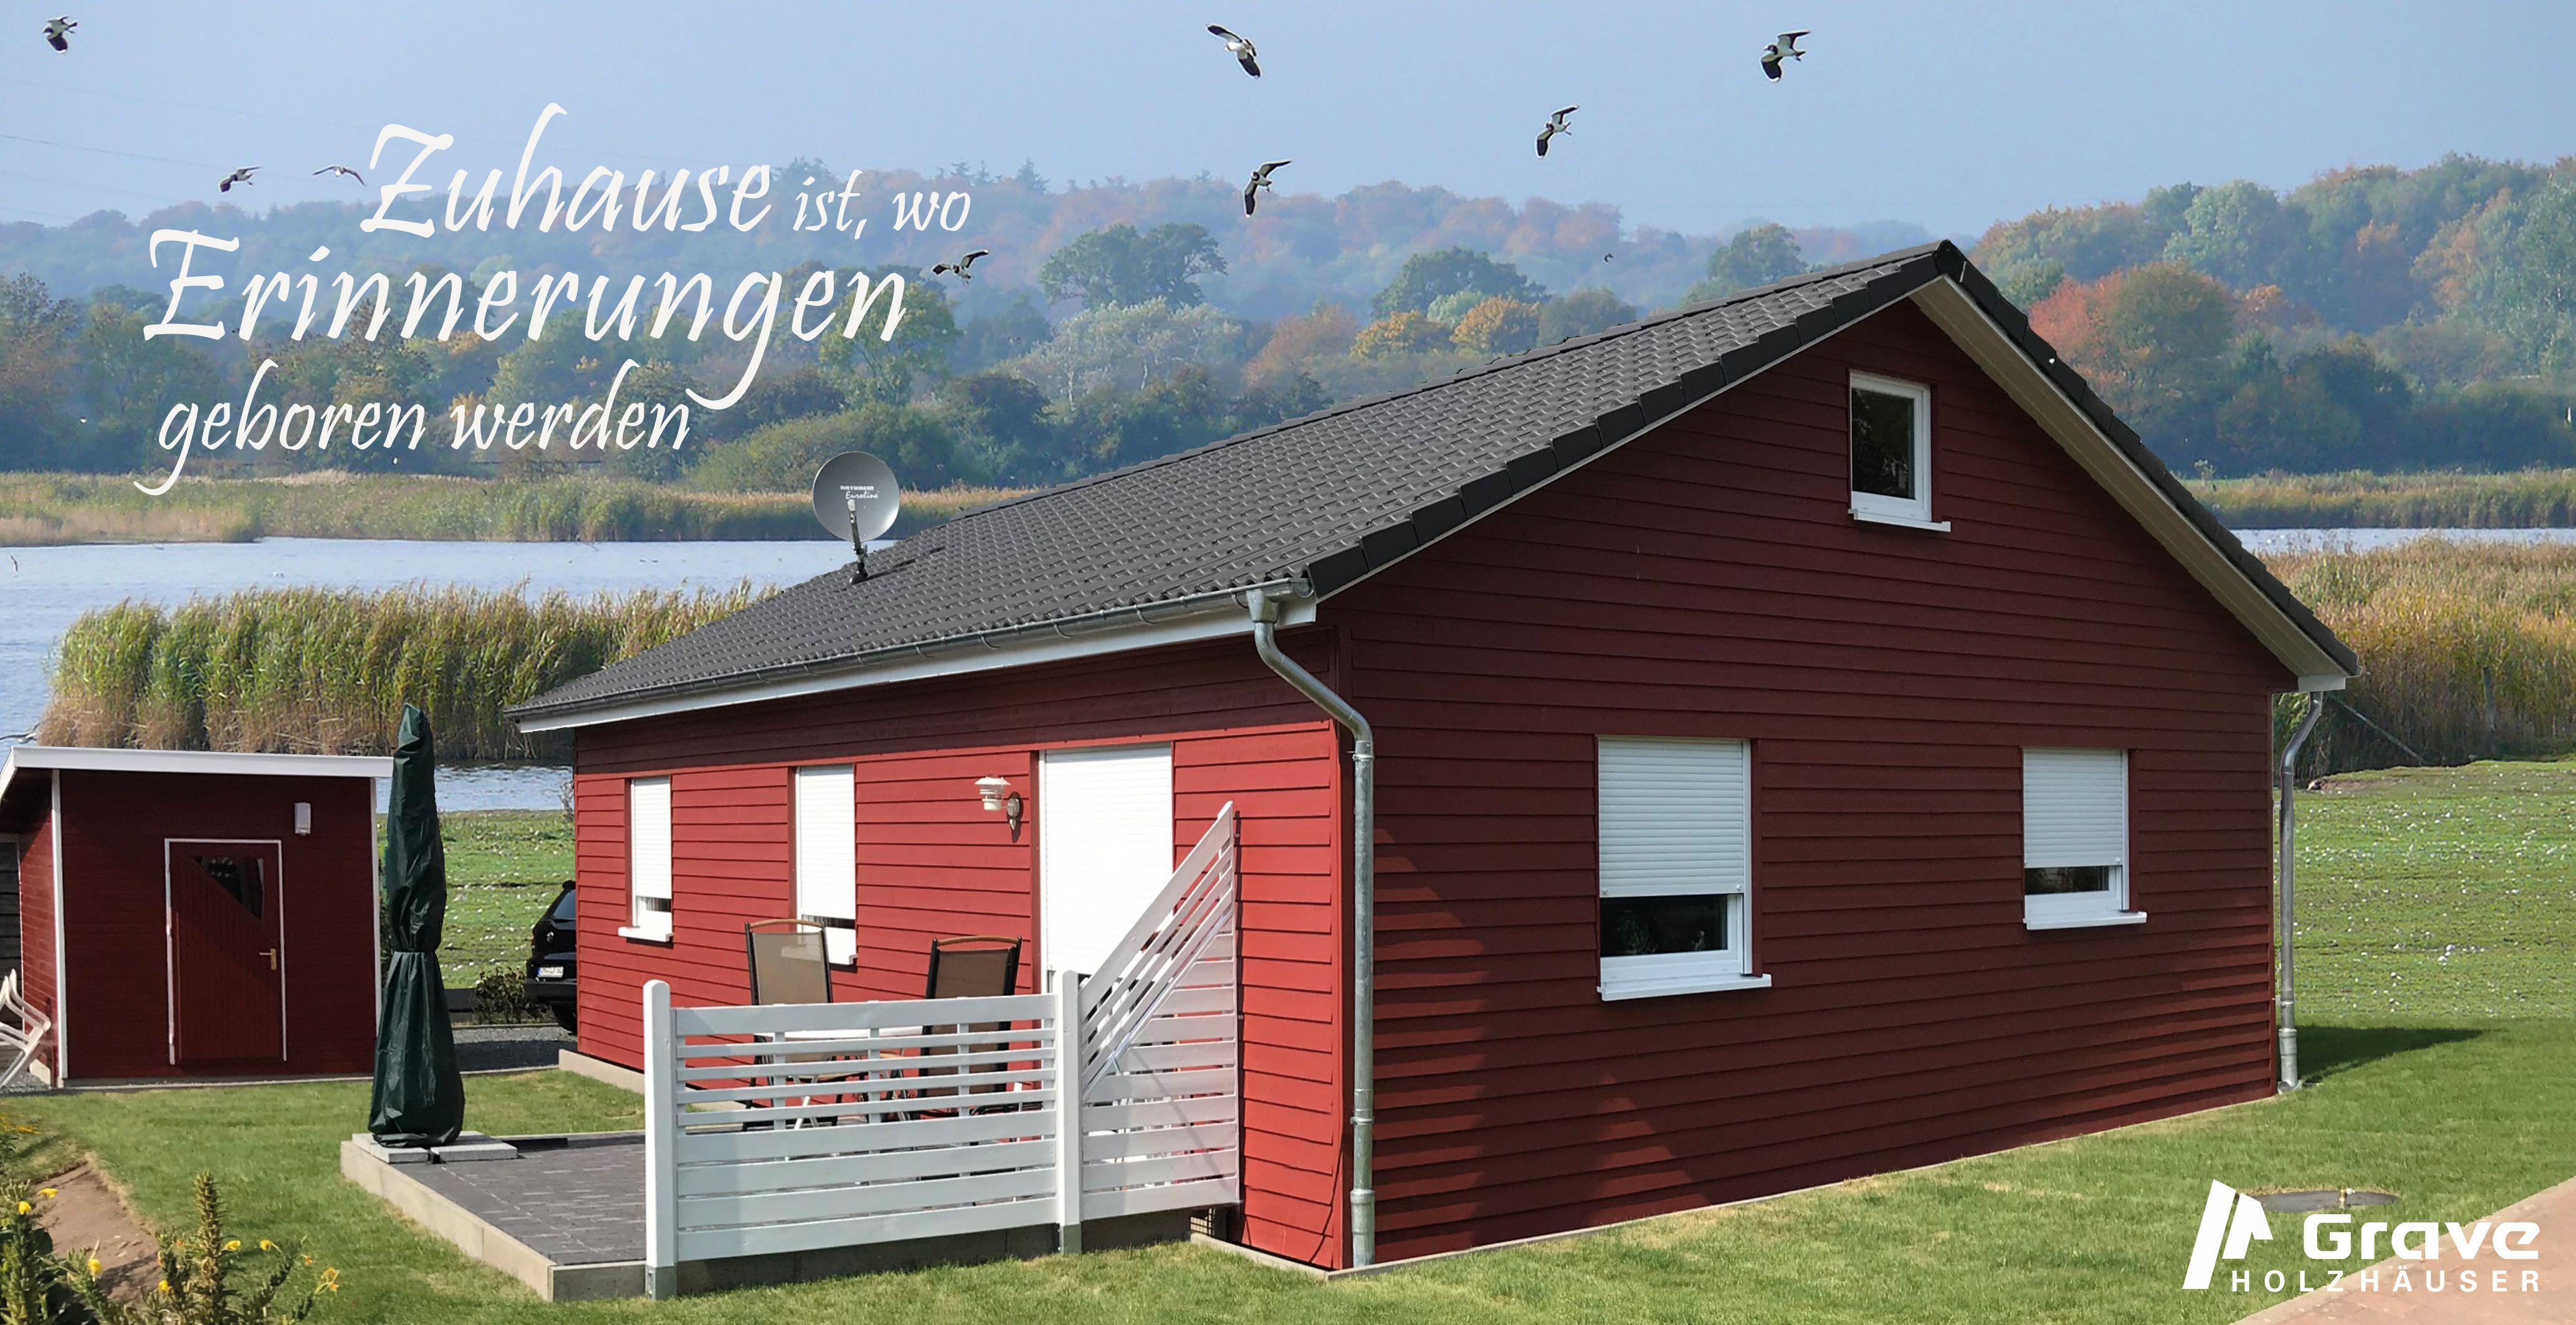 Pin von Grave Holzhäuser auf Kalenderbilder Schwedenhaus